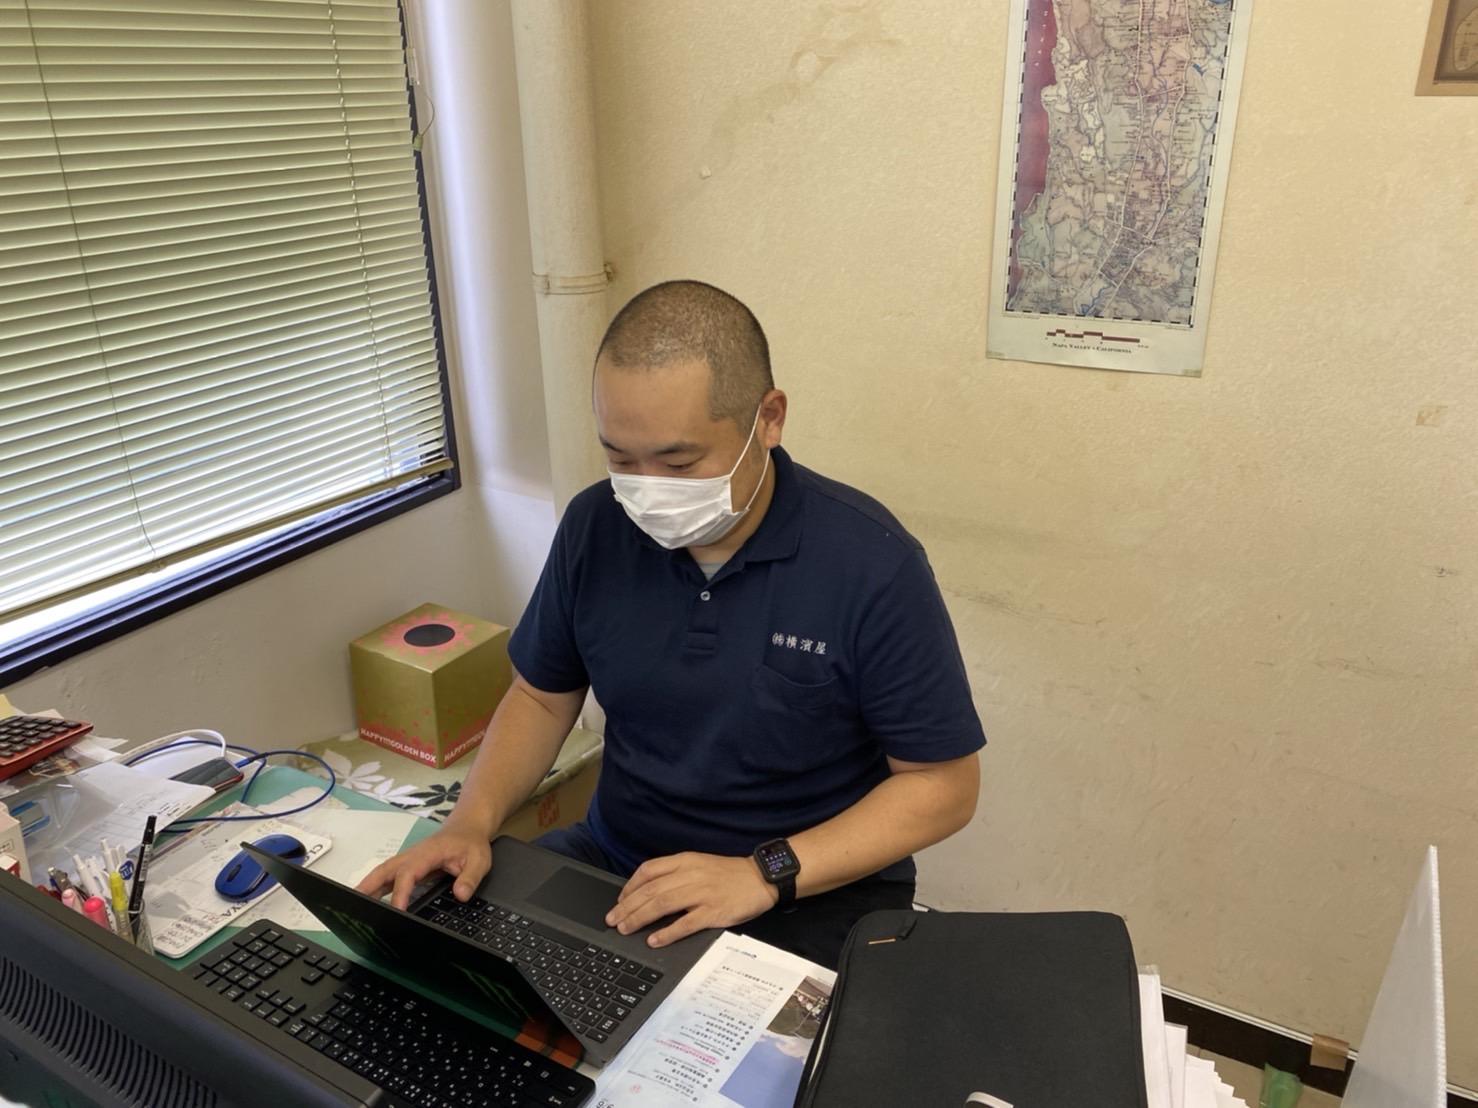 【9月コーカス例会 】担当副委員長 山本 晋也君